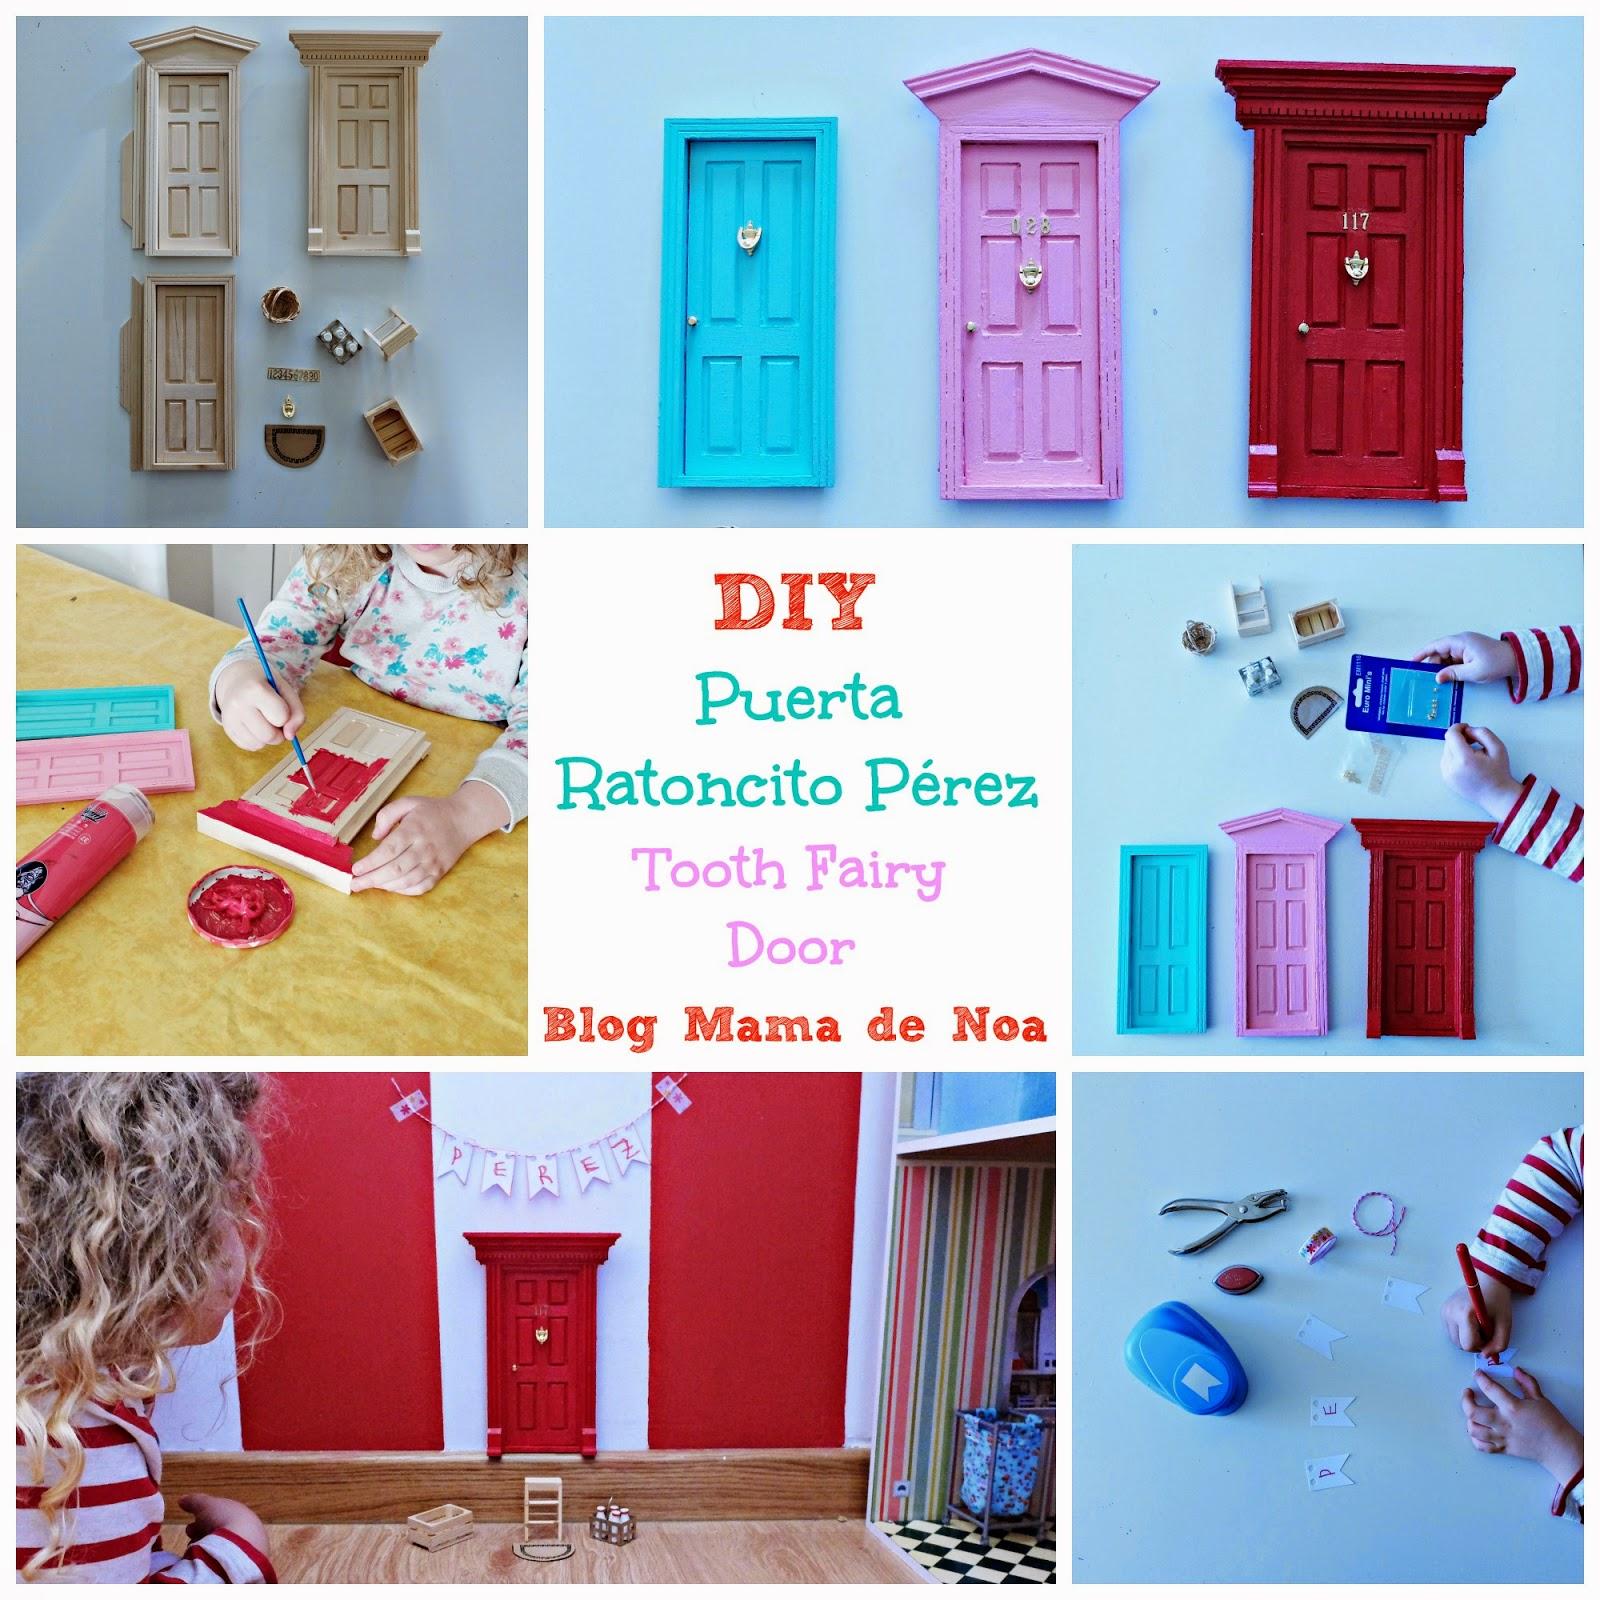 DIY Puerta Ratoncito Pérez - Tooth Fairy Door - Puerta Raton Perez